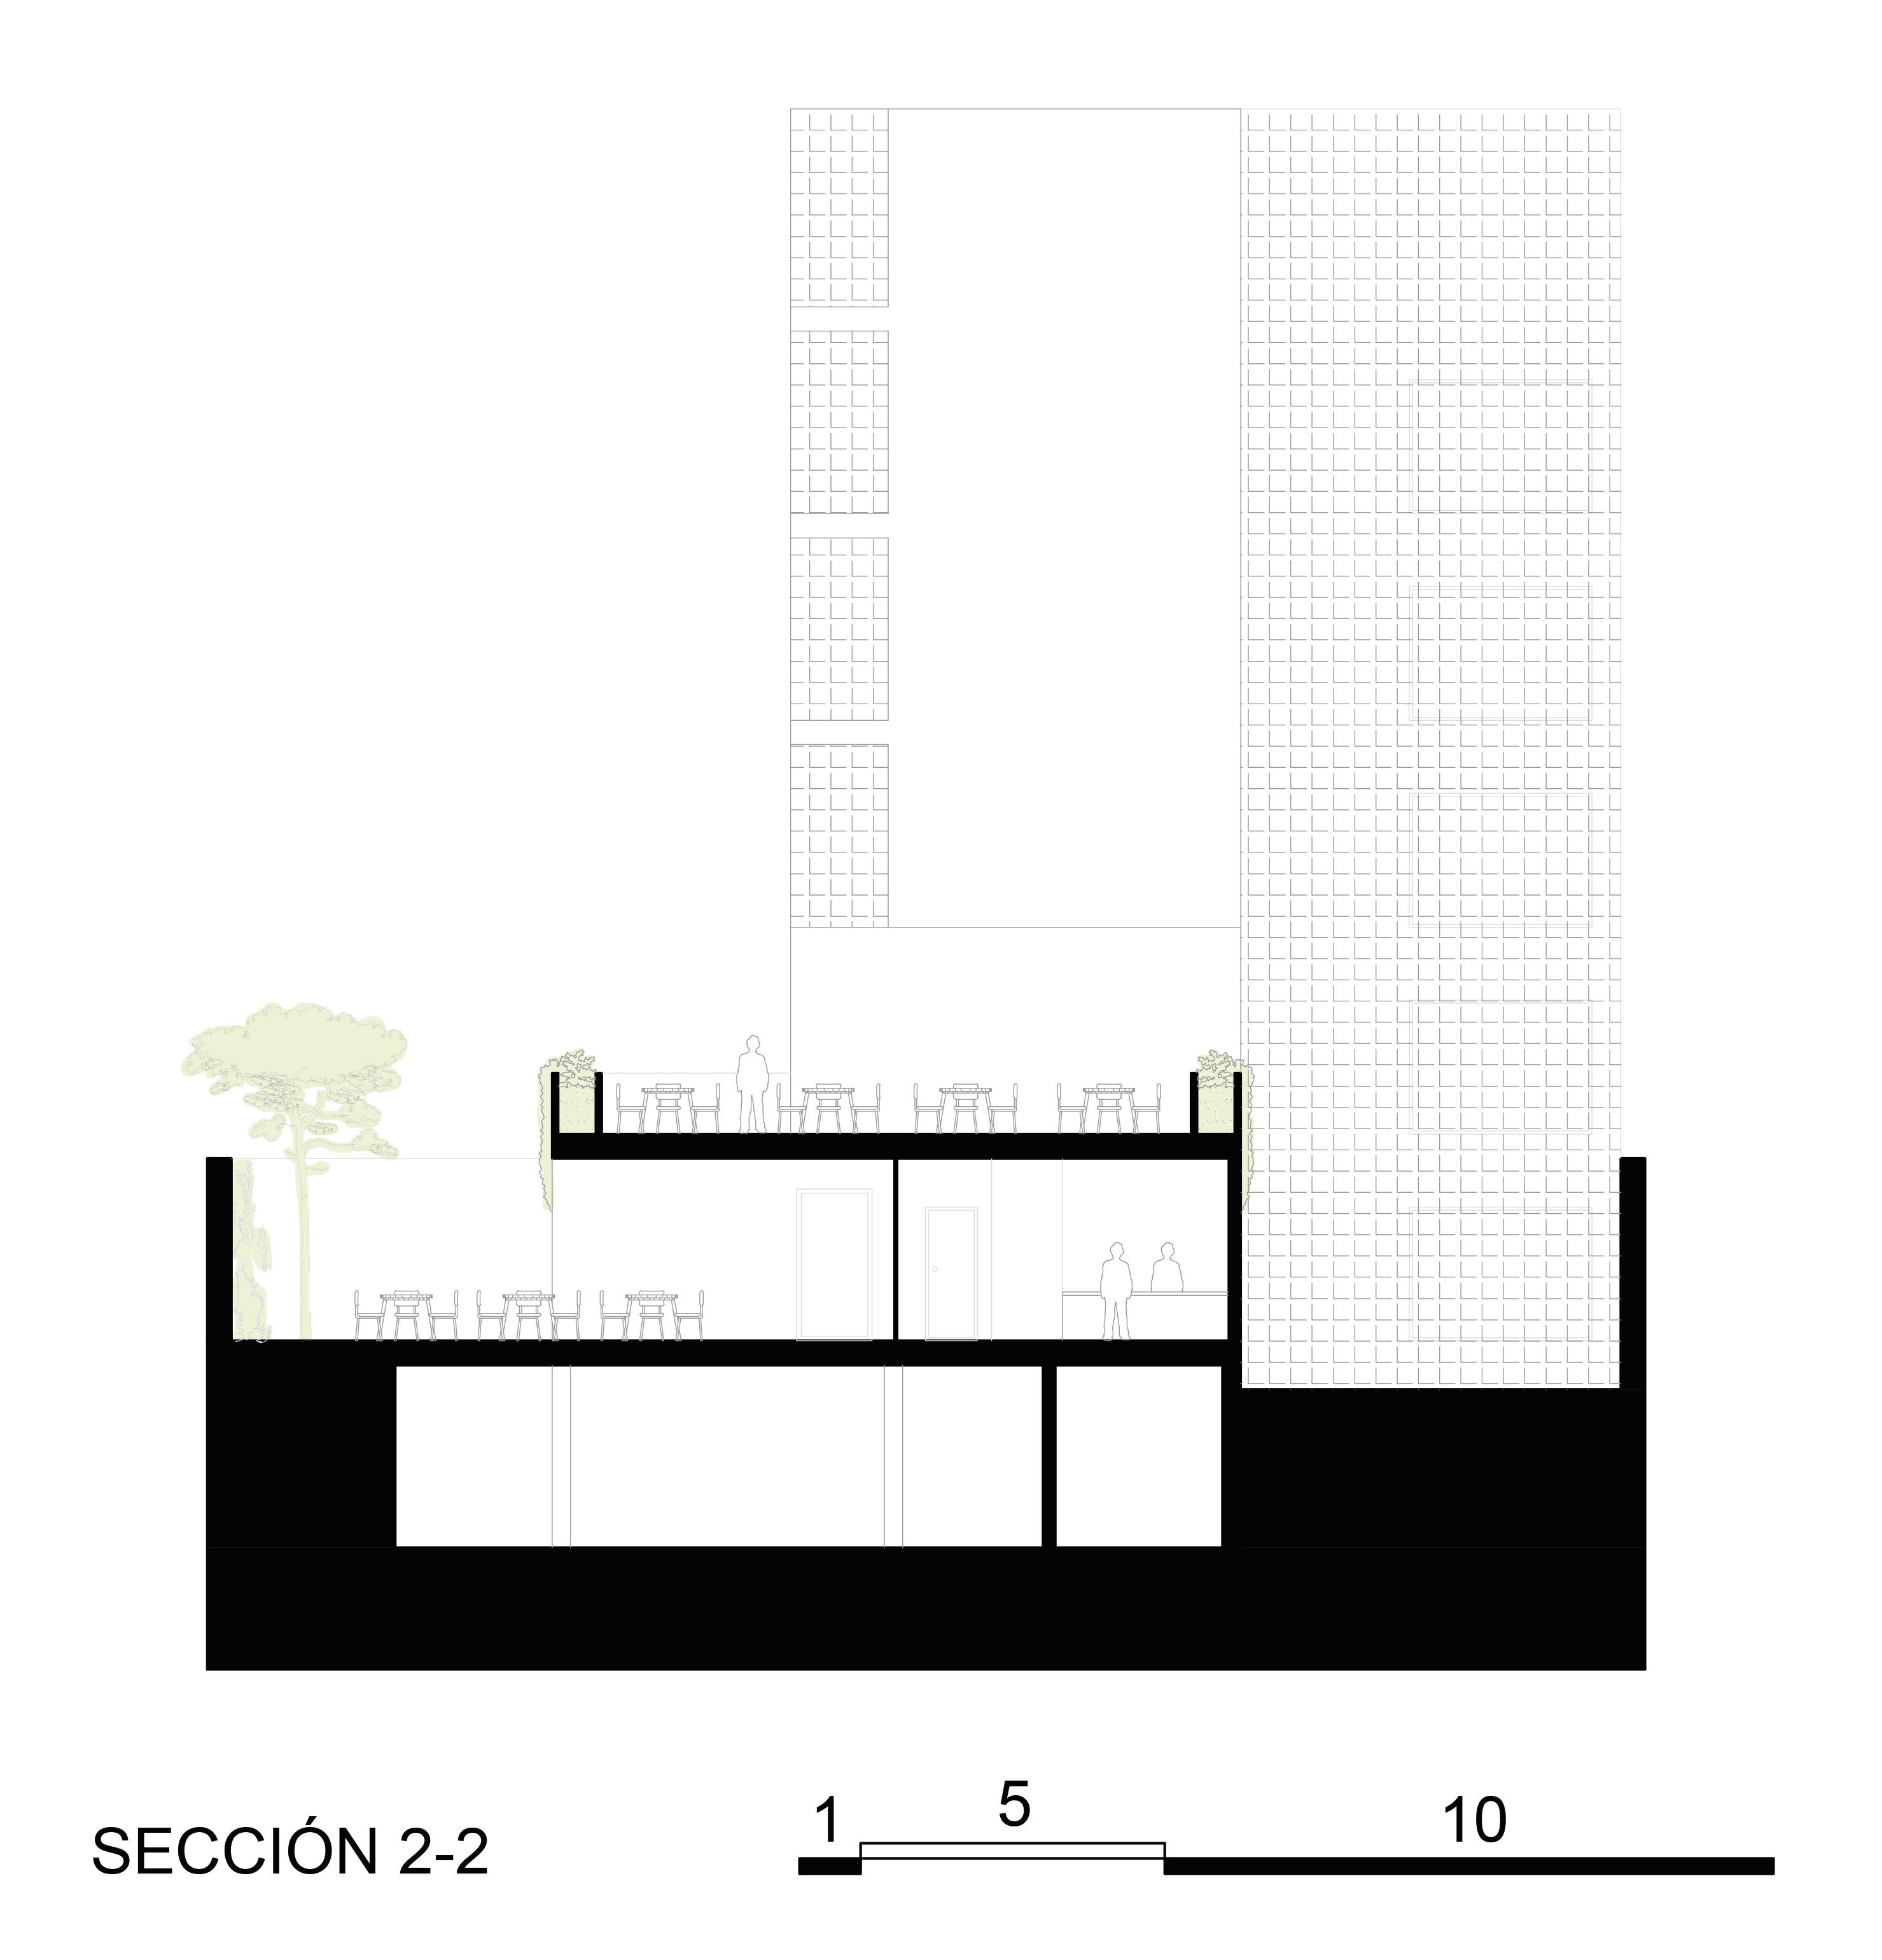 SECCION 2